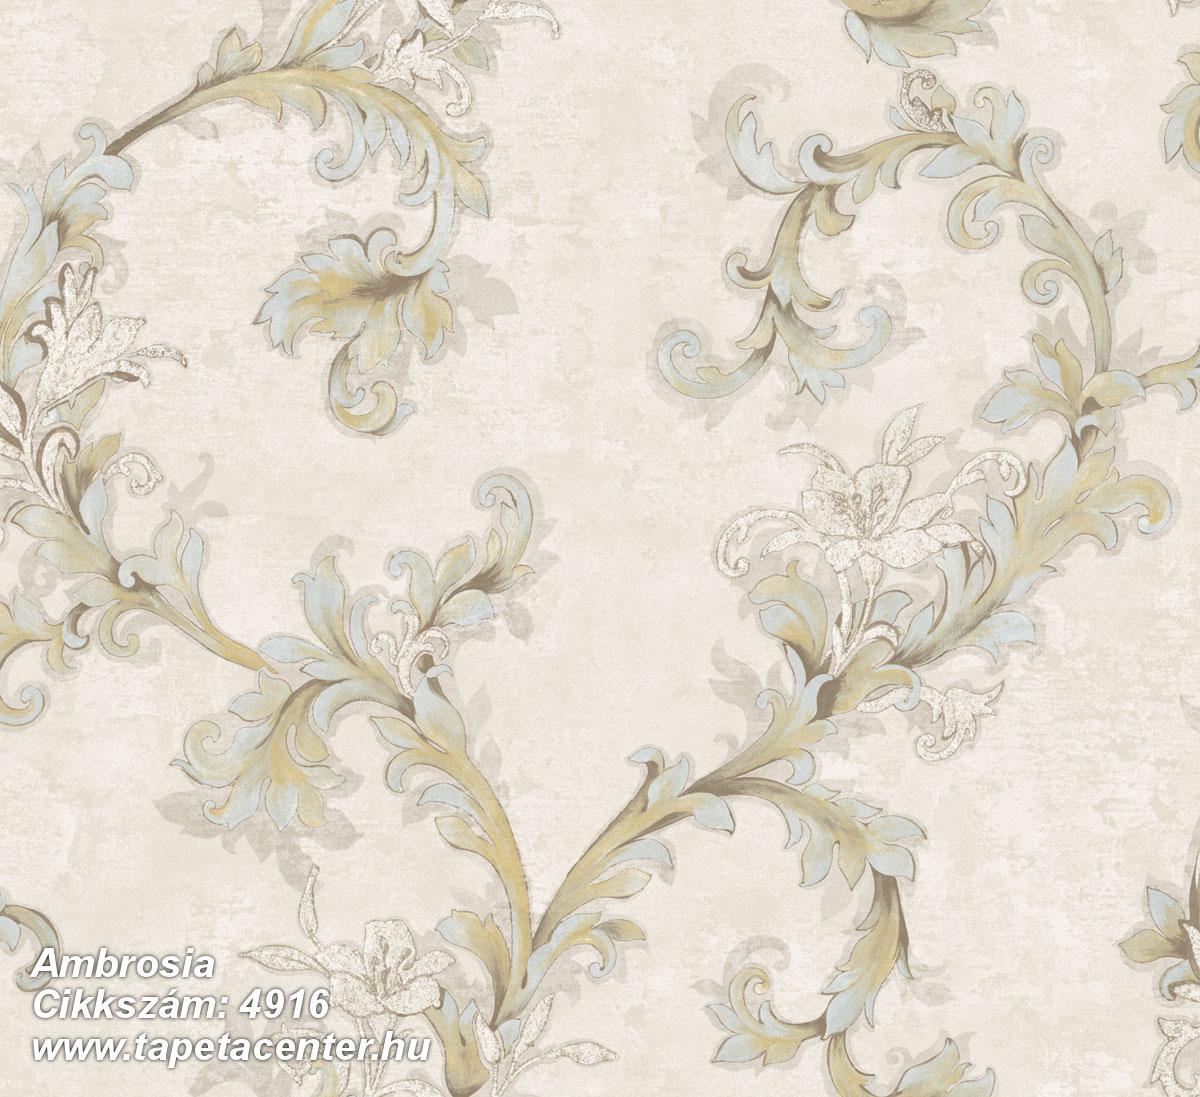 Barokk-klasszikus,természeti mintás,textil hatású,virágmintás,barna,bézs-drapp,szürke,súrolható,vlies tapéta